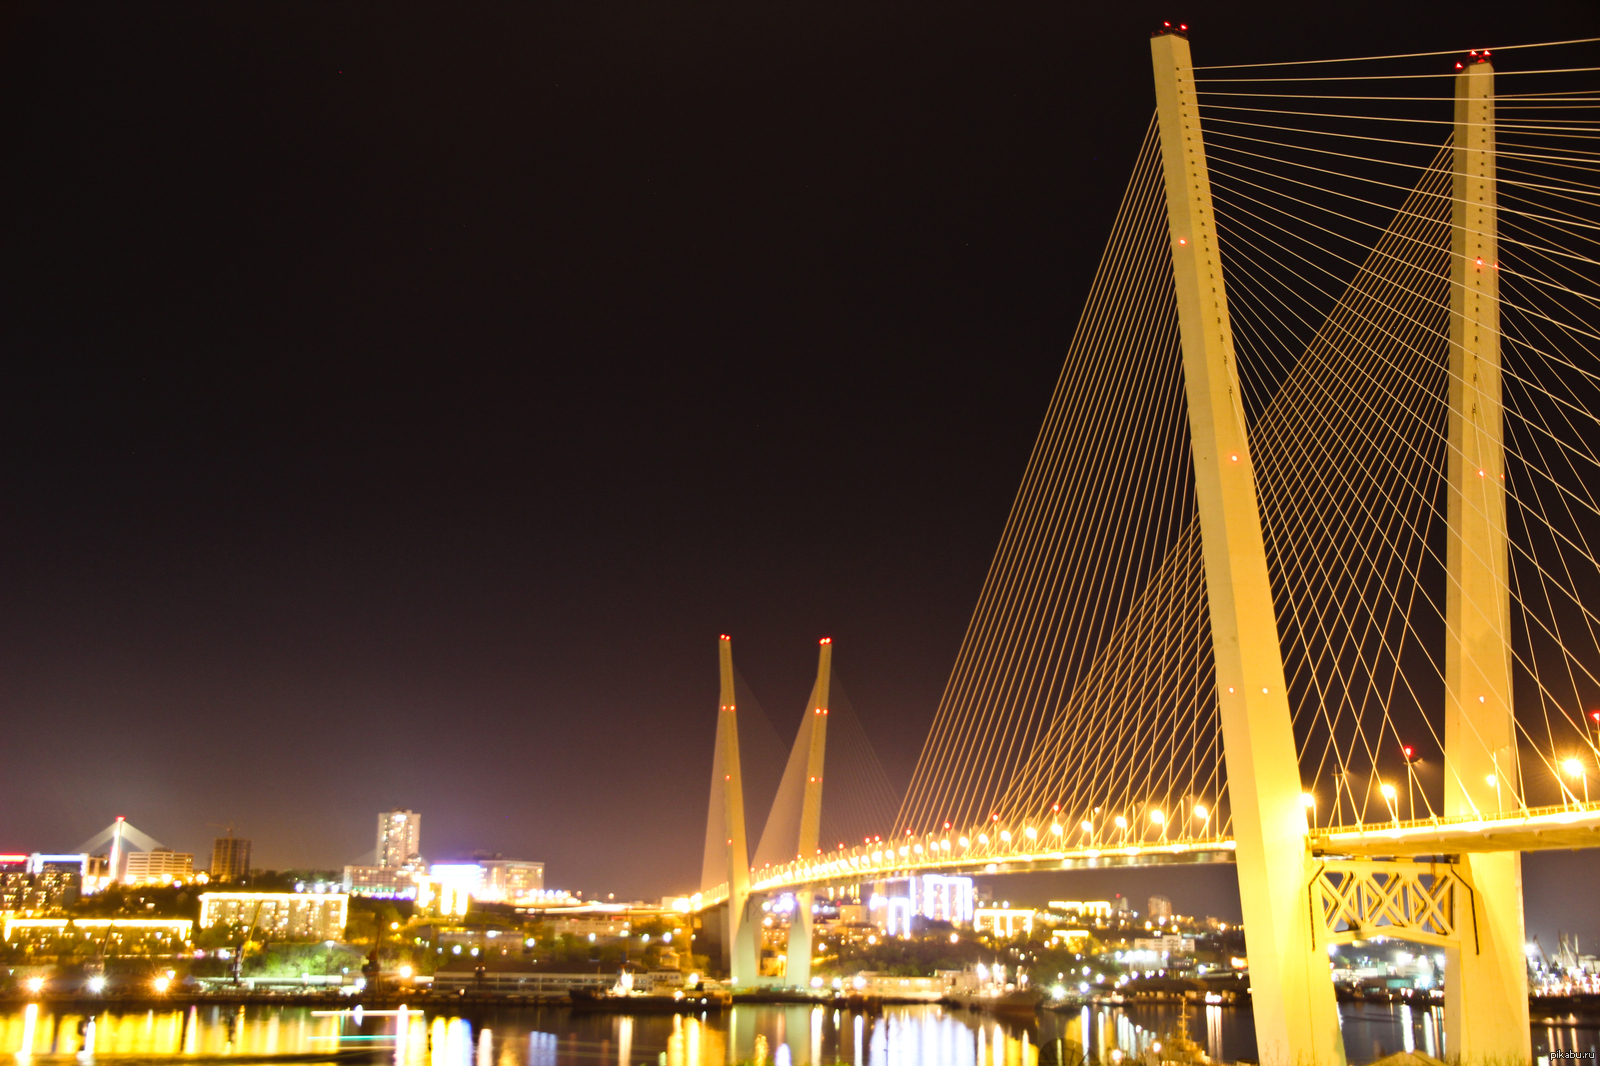 как собаки, картинки золотого моста можно